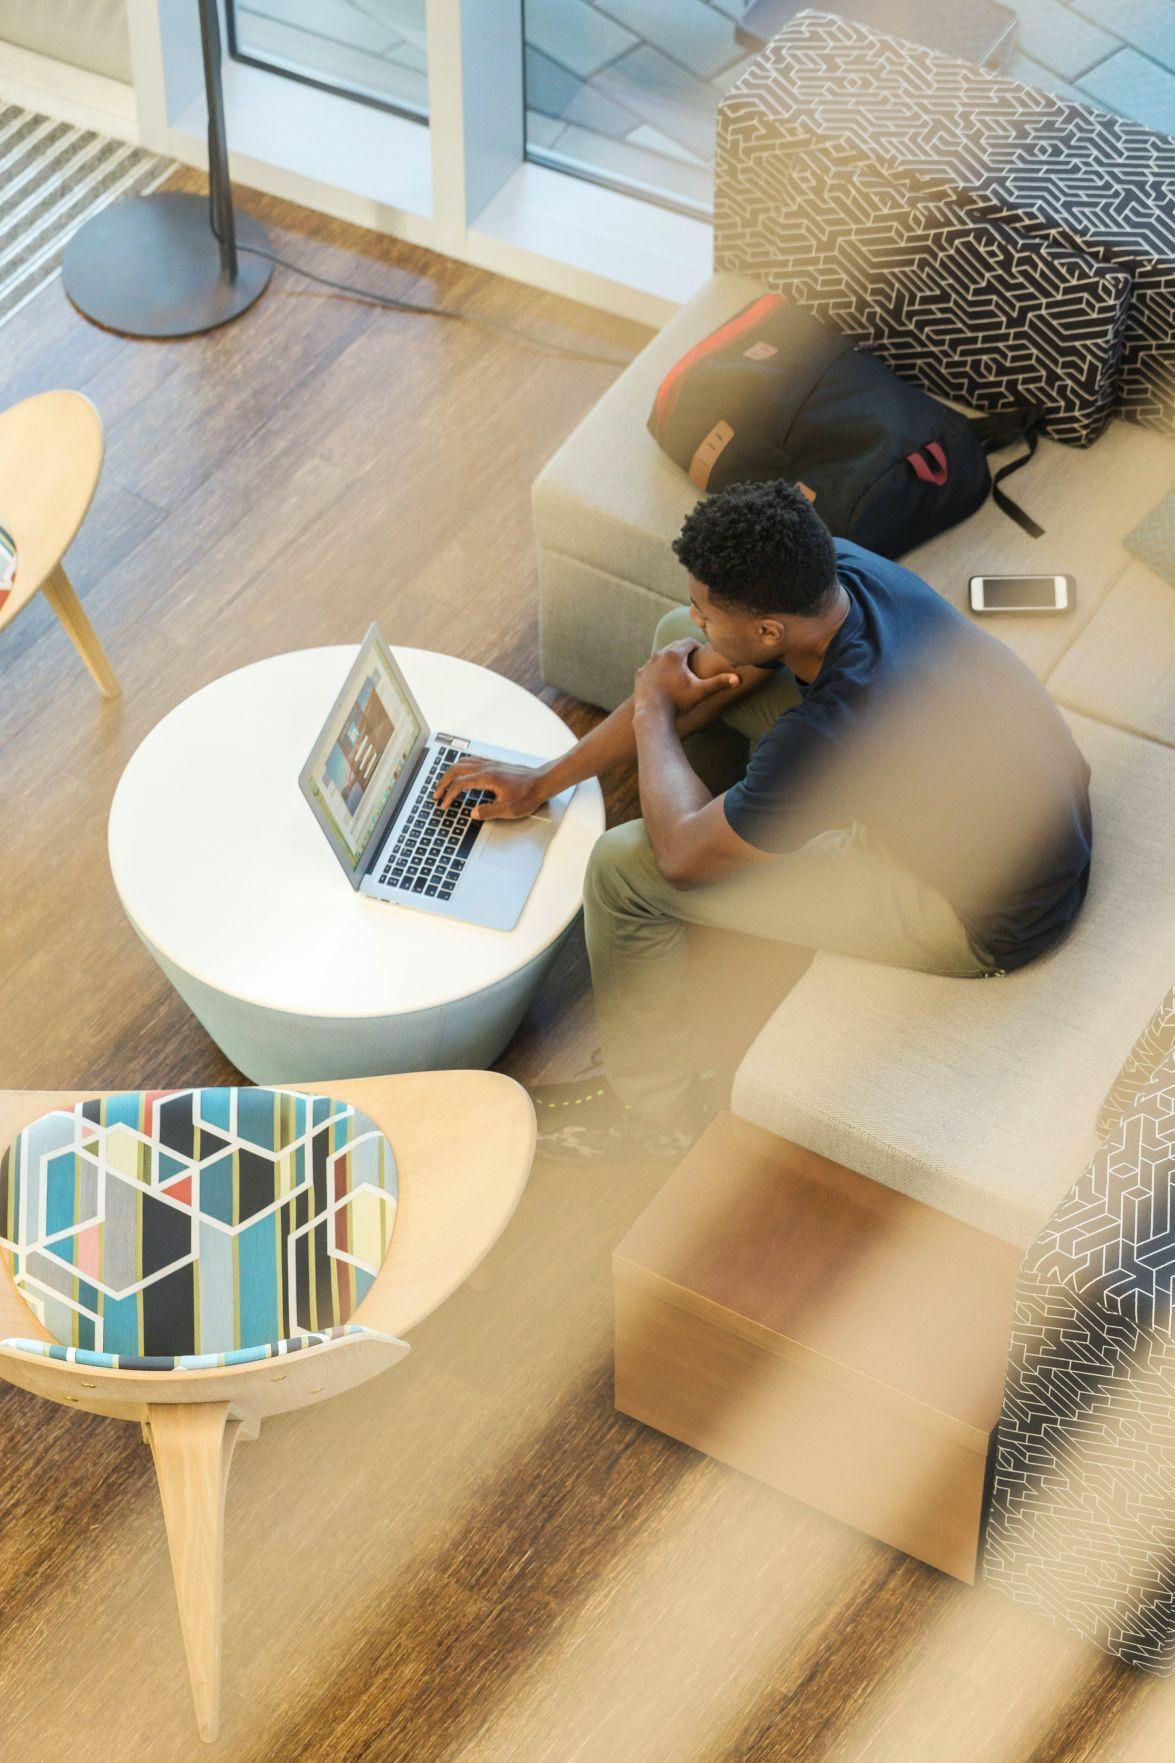 man on laptop overlook